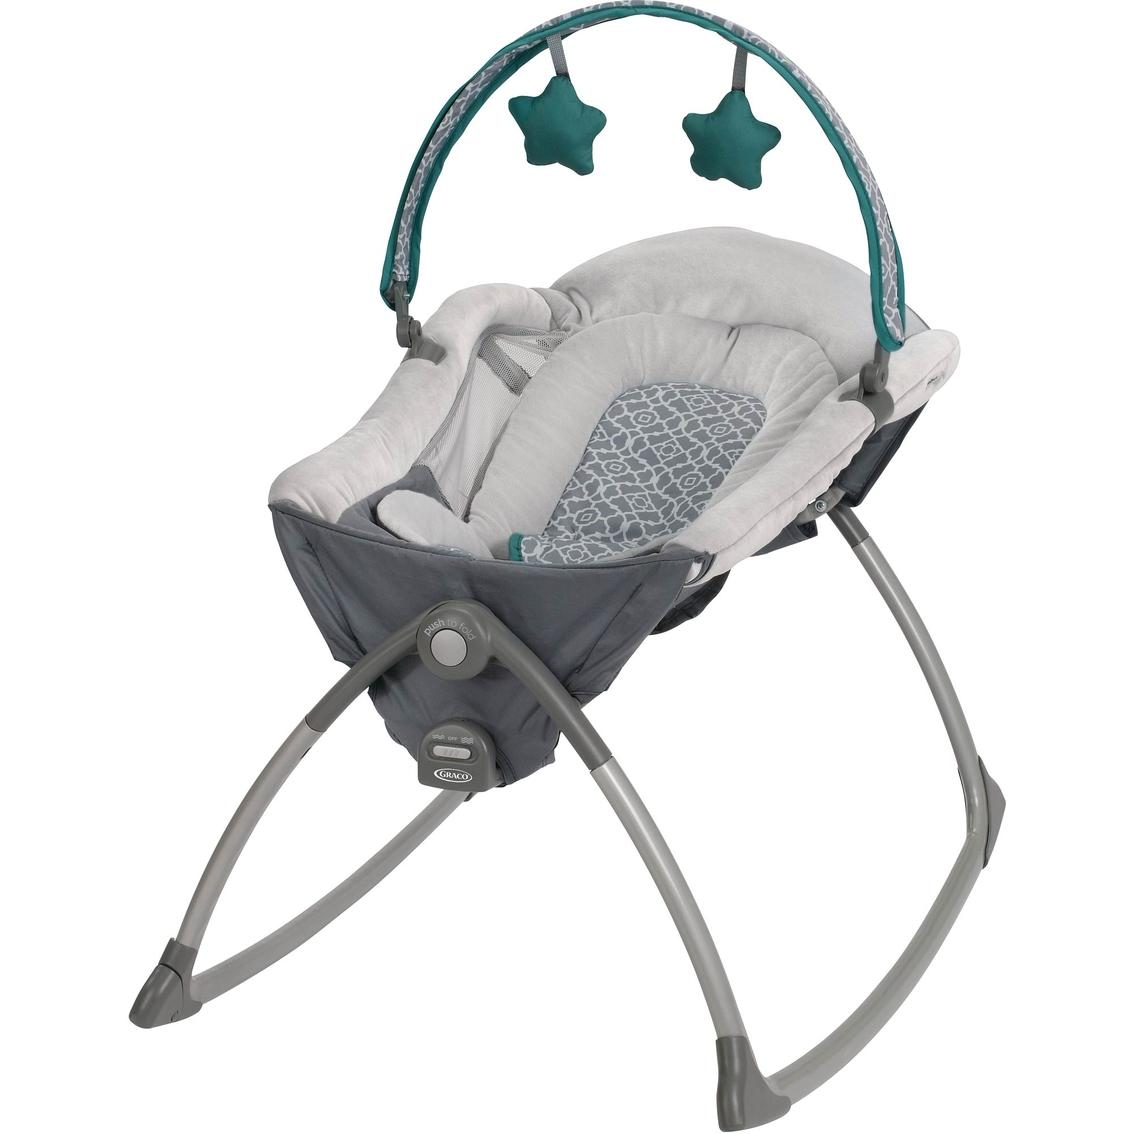 Wondrous Graco Little Lounger Rocking Seat Vibrating Lounger Swings Short Links Chair Design For Home Short Linksinfo